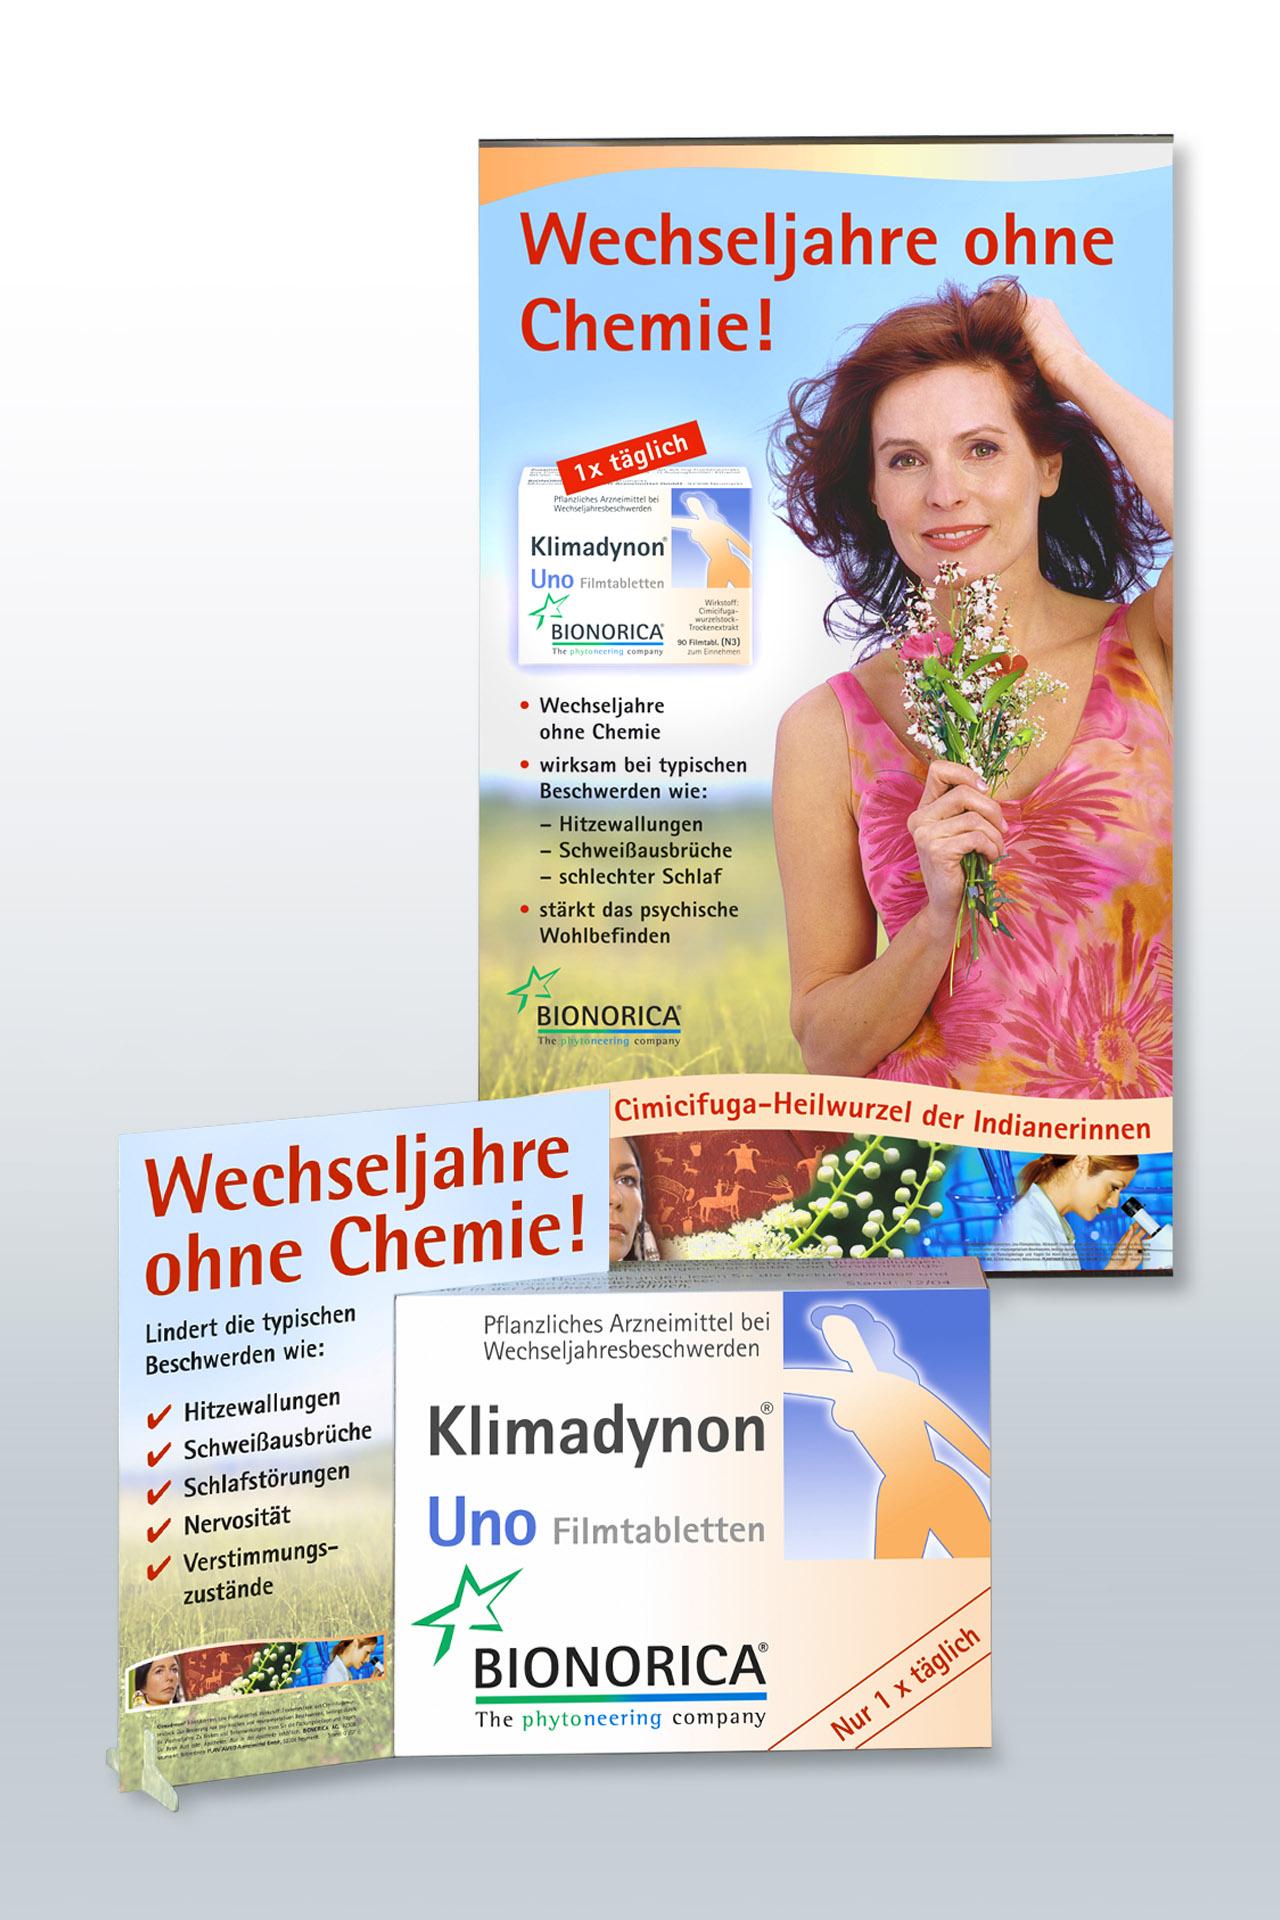 Layout und Textsatz für Apothekenaufsteller und Plakate